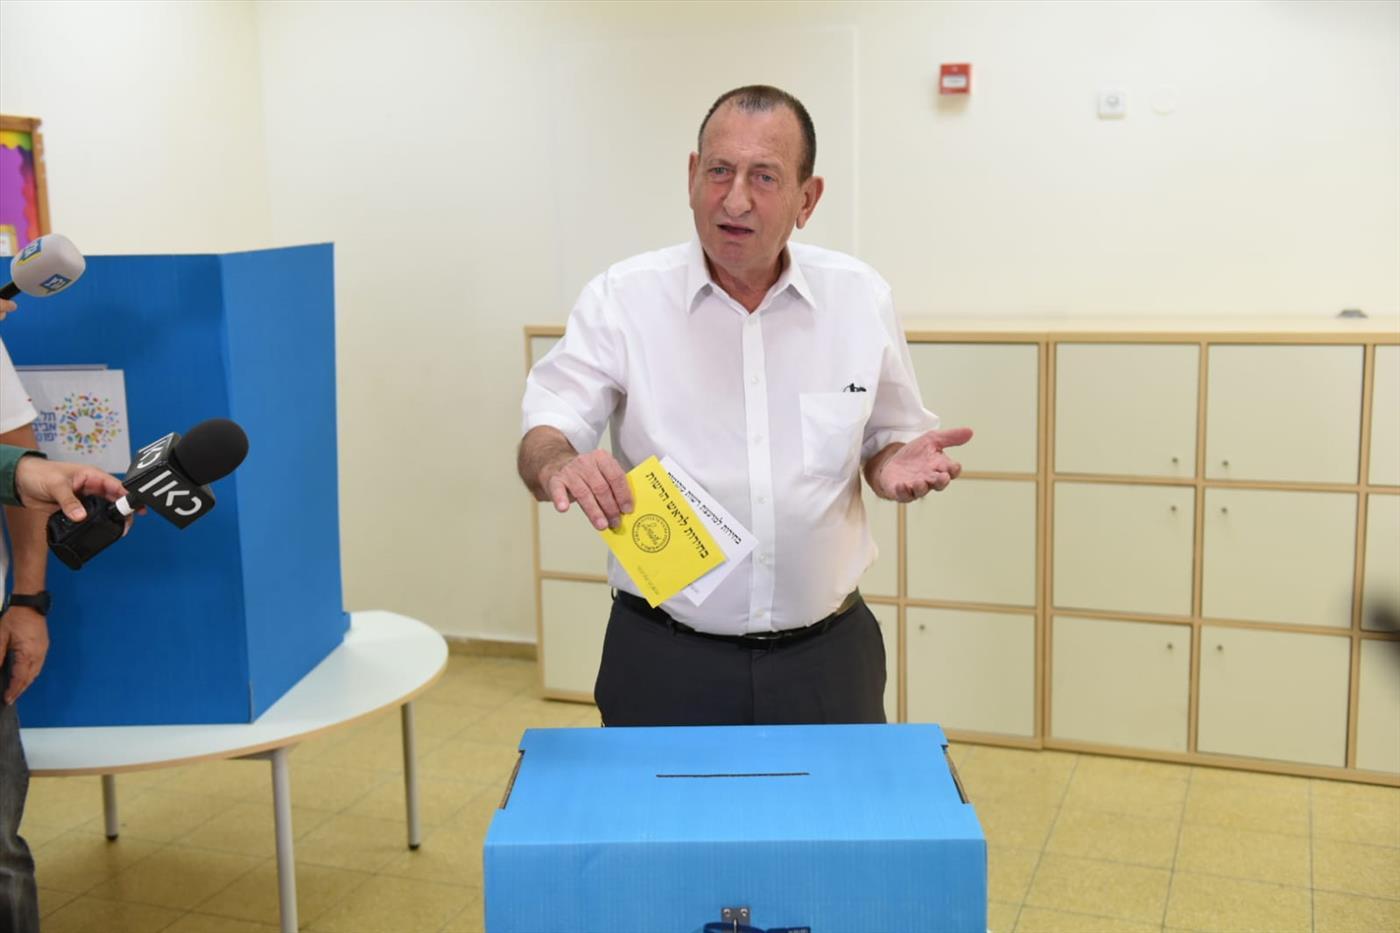 רון חולדאי, הממשיך בראשות עיריית תל אביב, מצביע בקלפי